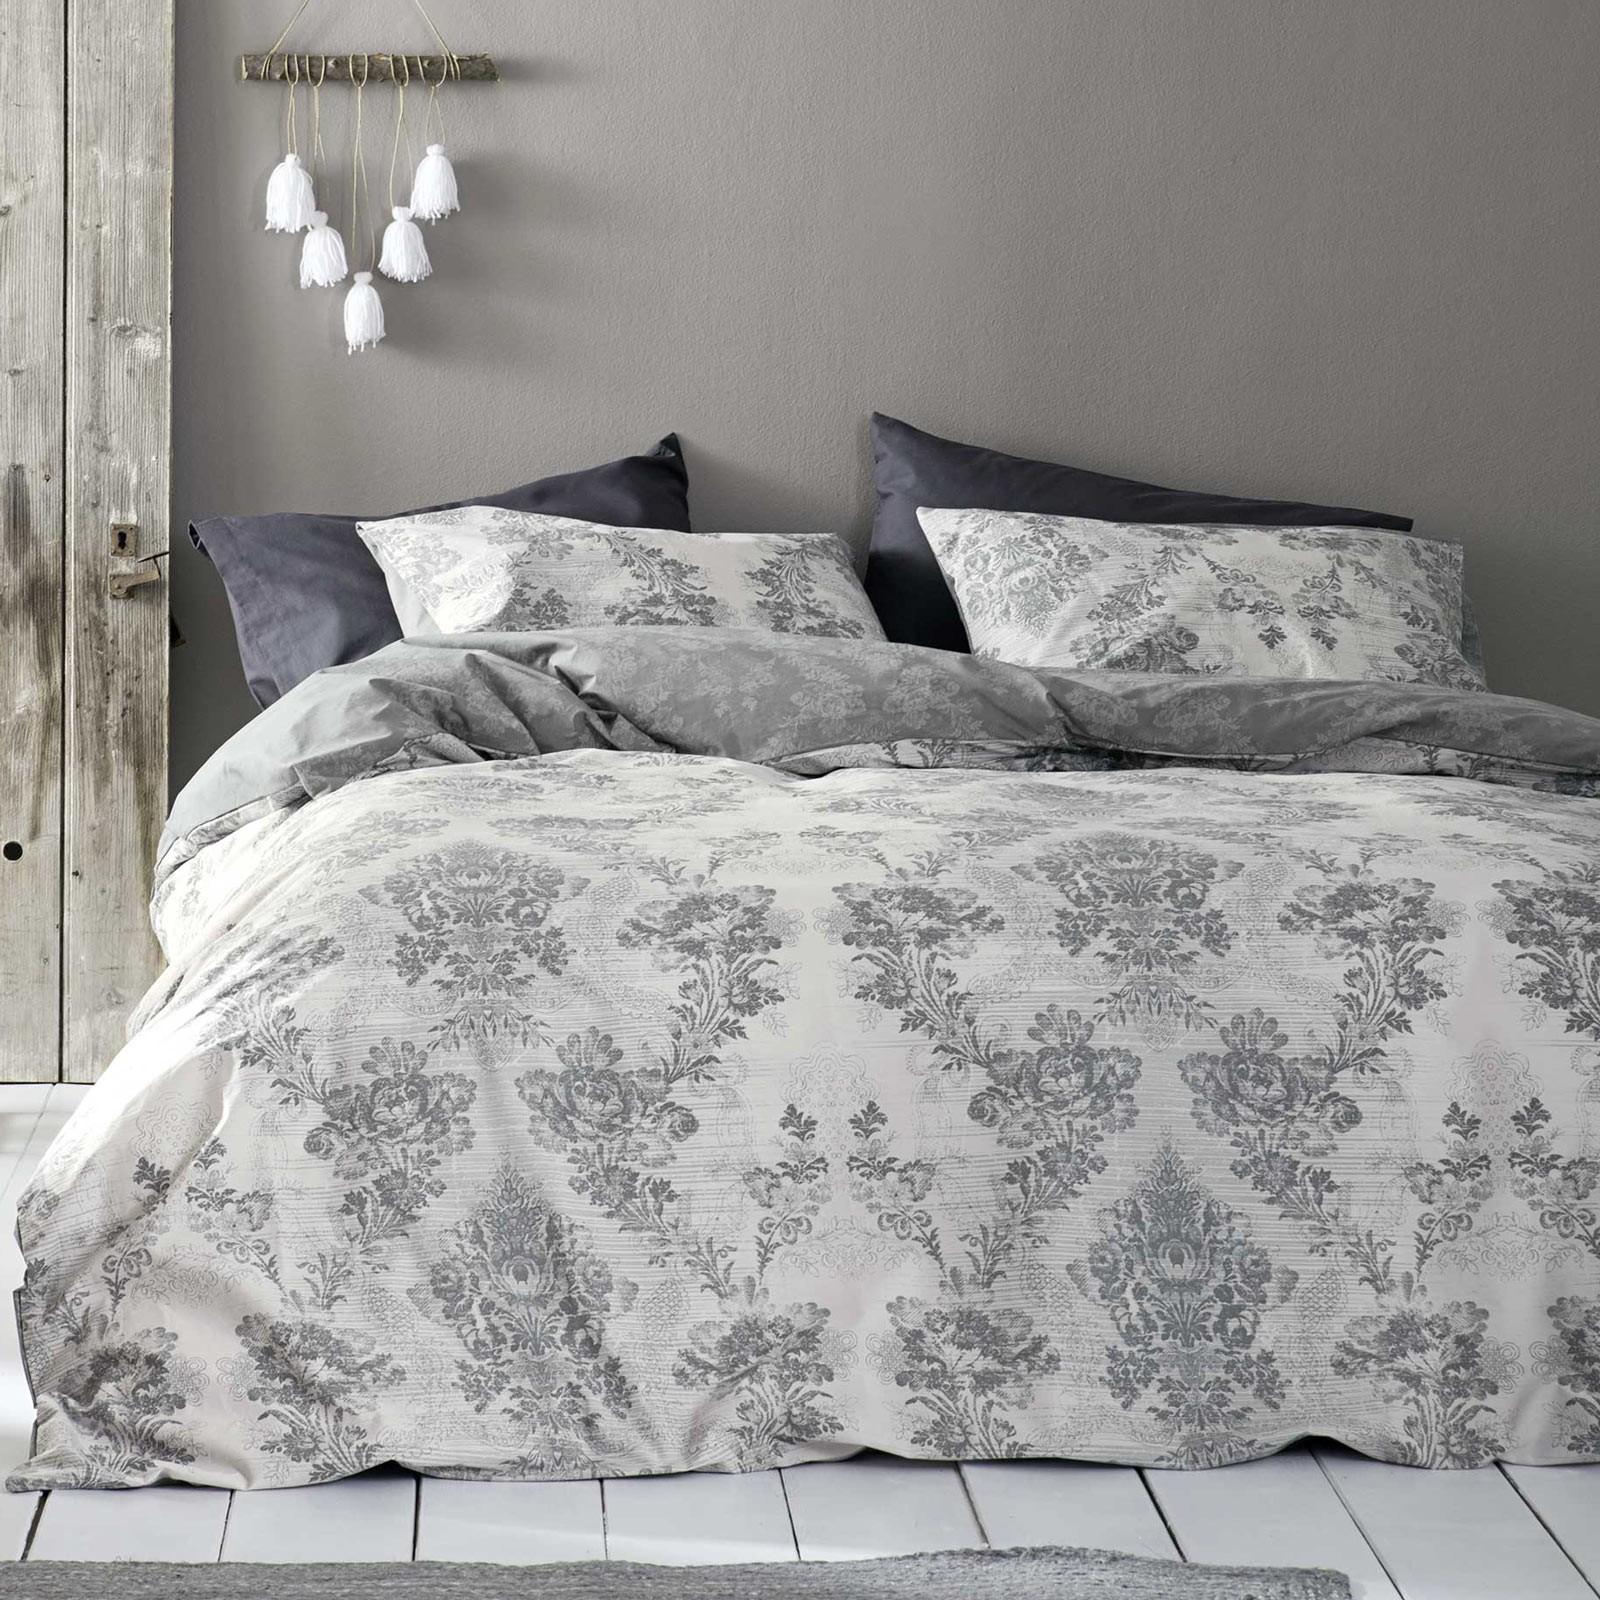 Παπλωματοθήκη Υπέρδιπλη (Σετ) Nima Bed Linen Kiana Grey